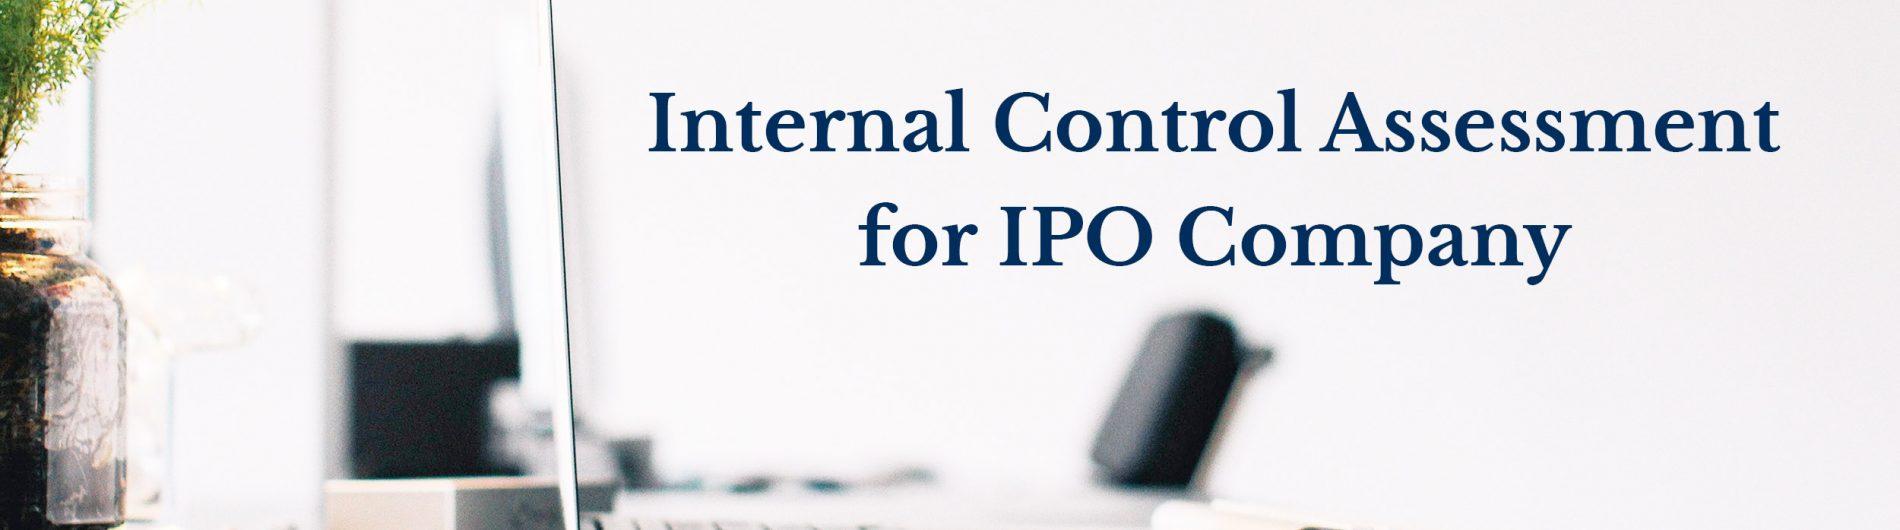 2 Internal Control Assessment